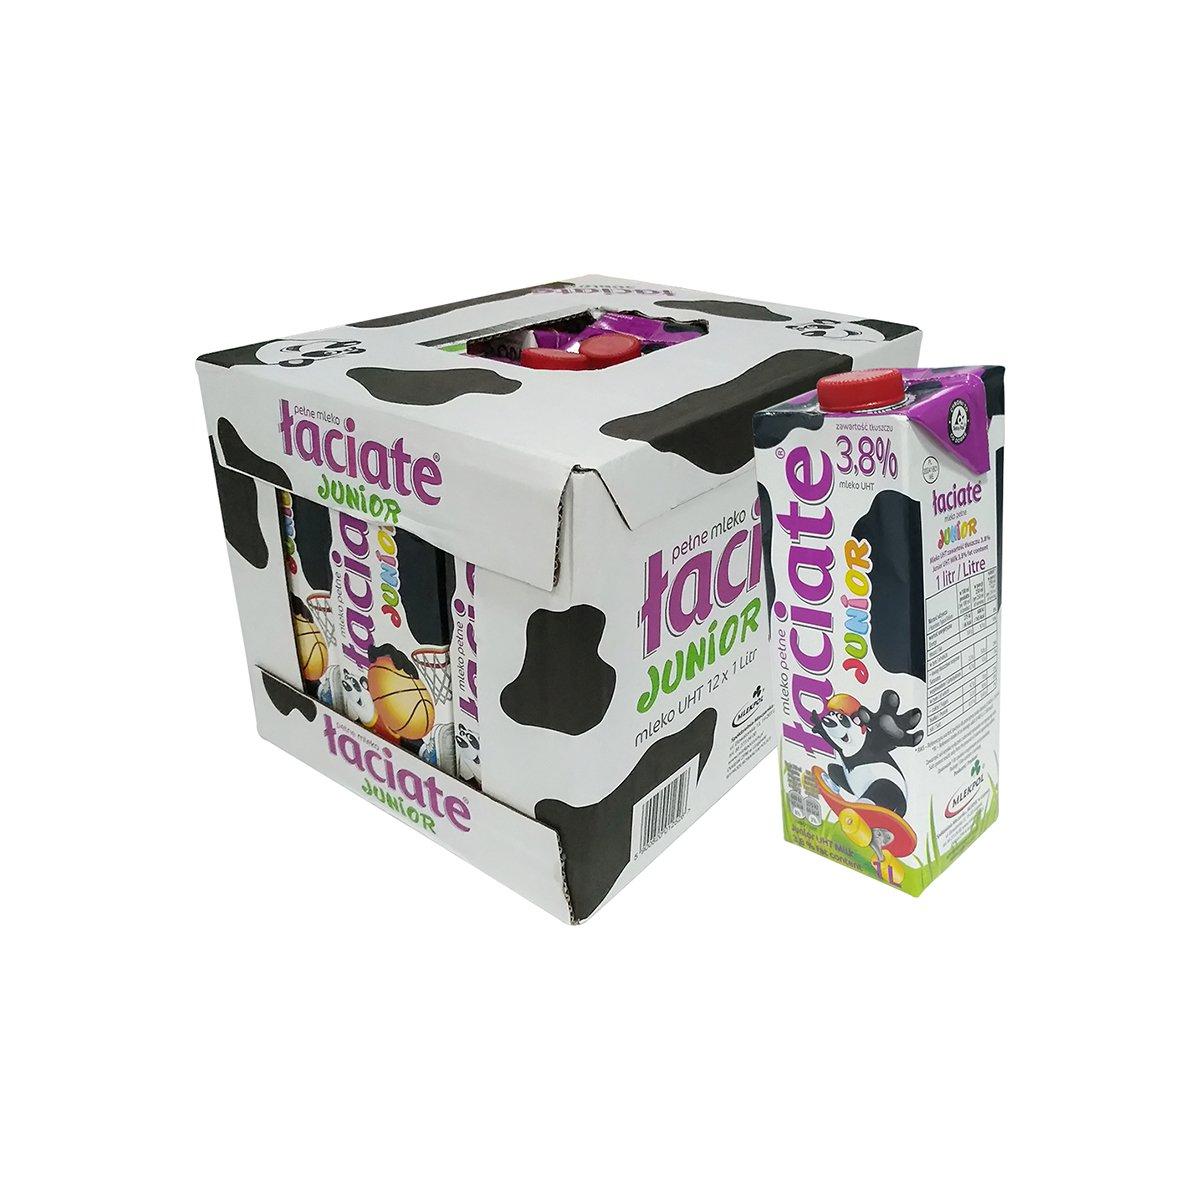 【2件起售】兰雀Laciate全脂纯牛奶 1L*12盒 3.8%fat